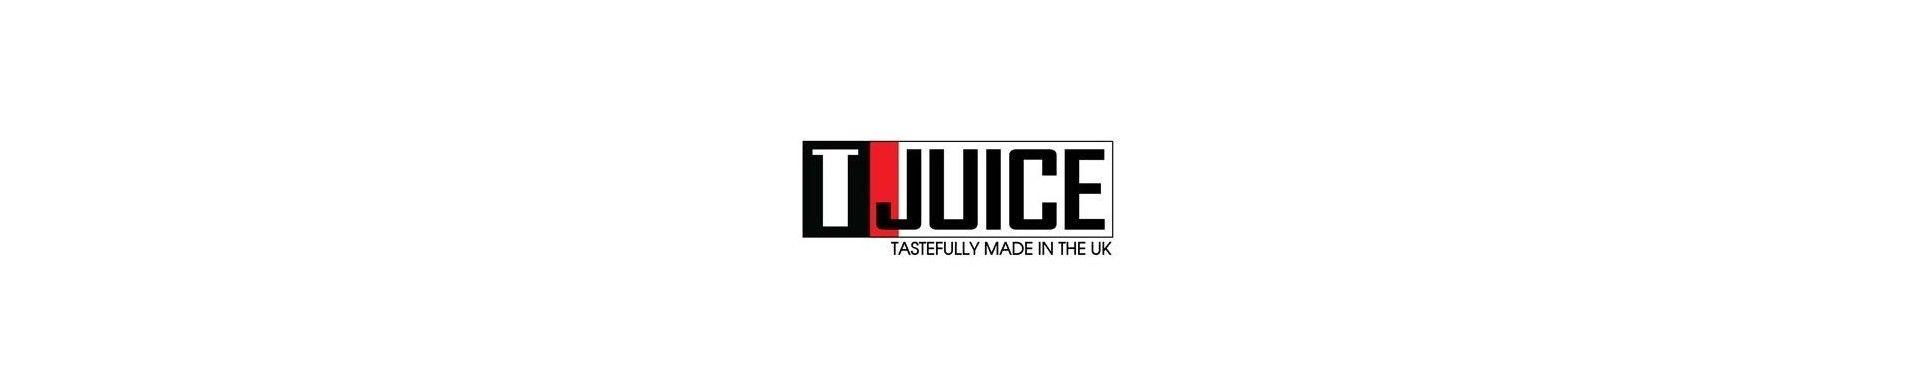 T - Juice